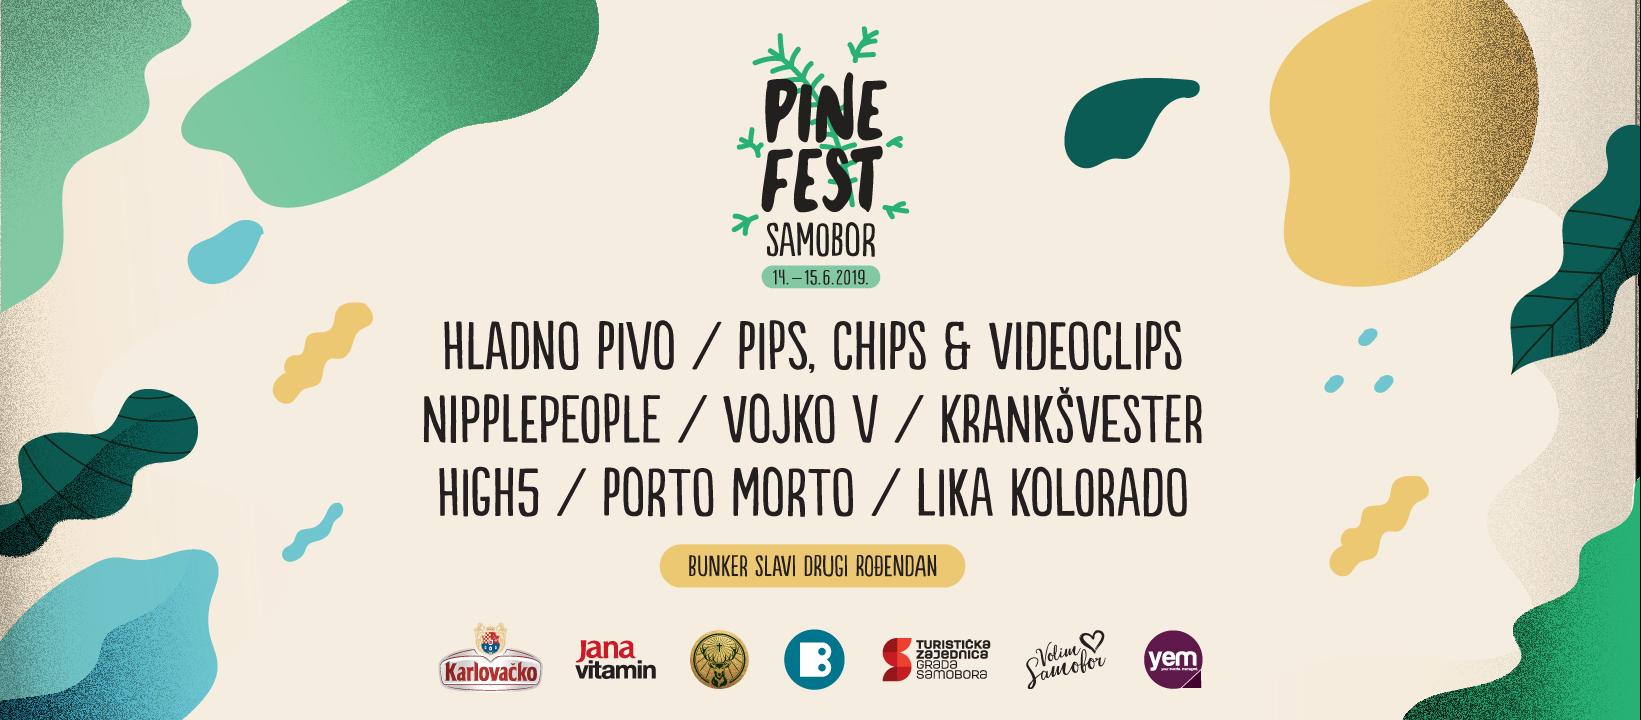 Pipsi i Nipplepeople novi na popisu izvođača Pine Festa